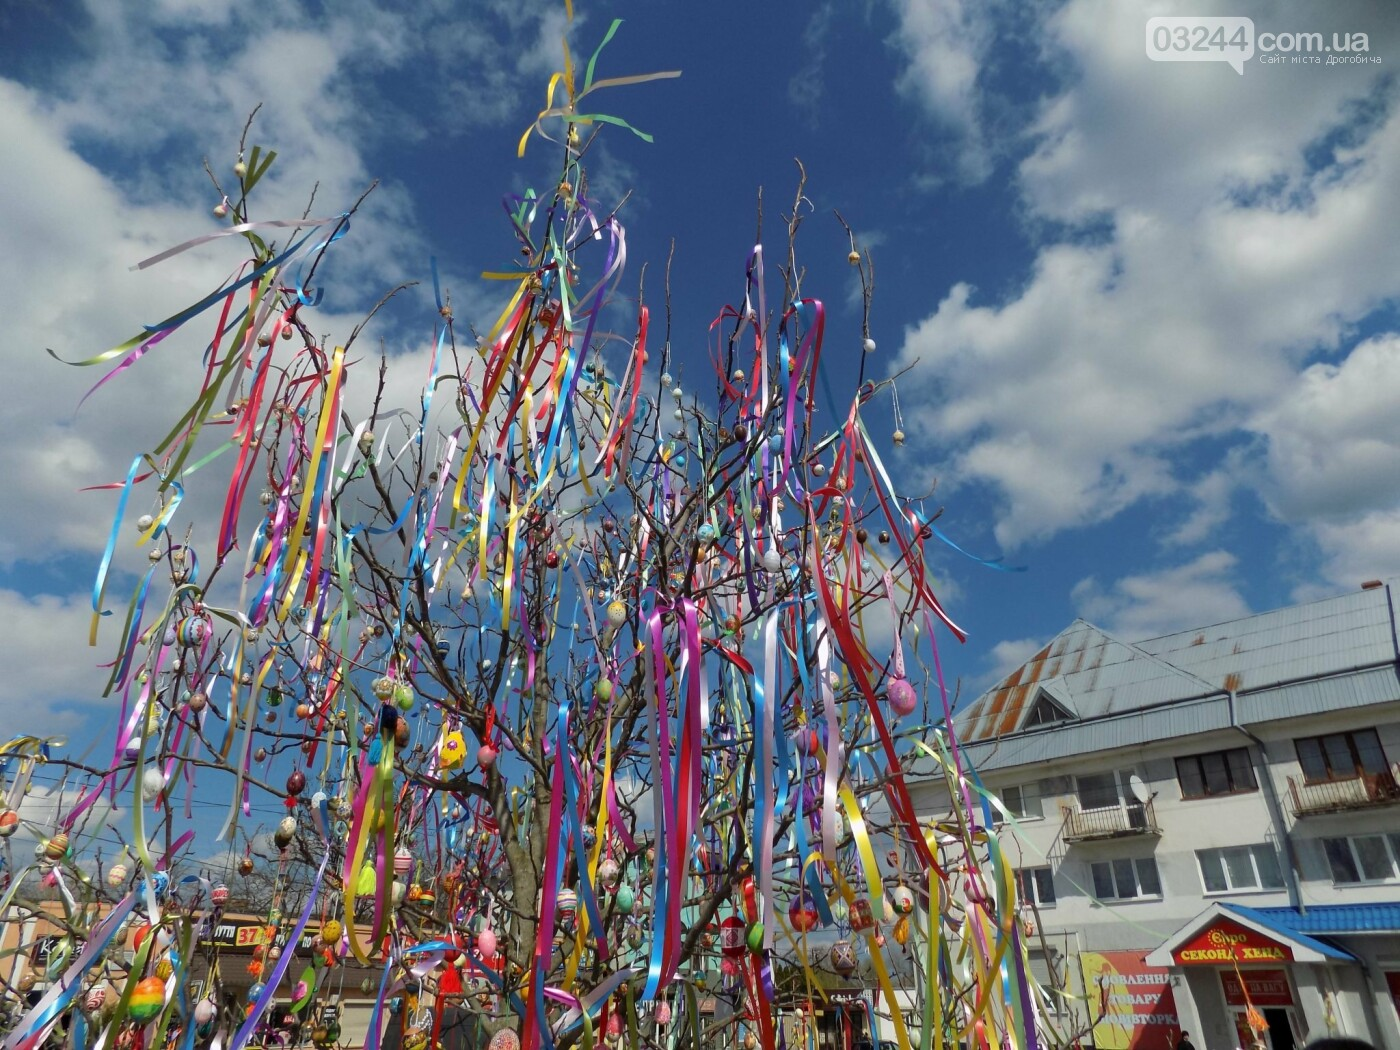 У Бориславі писанкове дерево, в Трускавці – великодній кошик, у Дрогобичі – писанки: міста чепурять до Великодня, фото-1